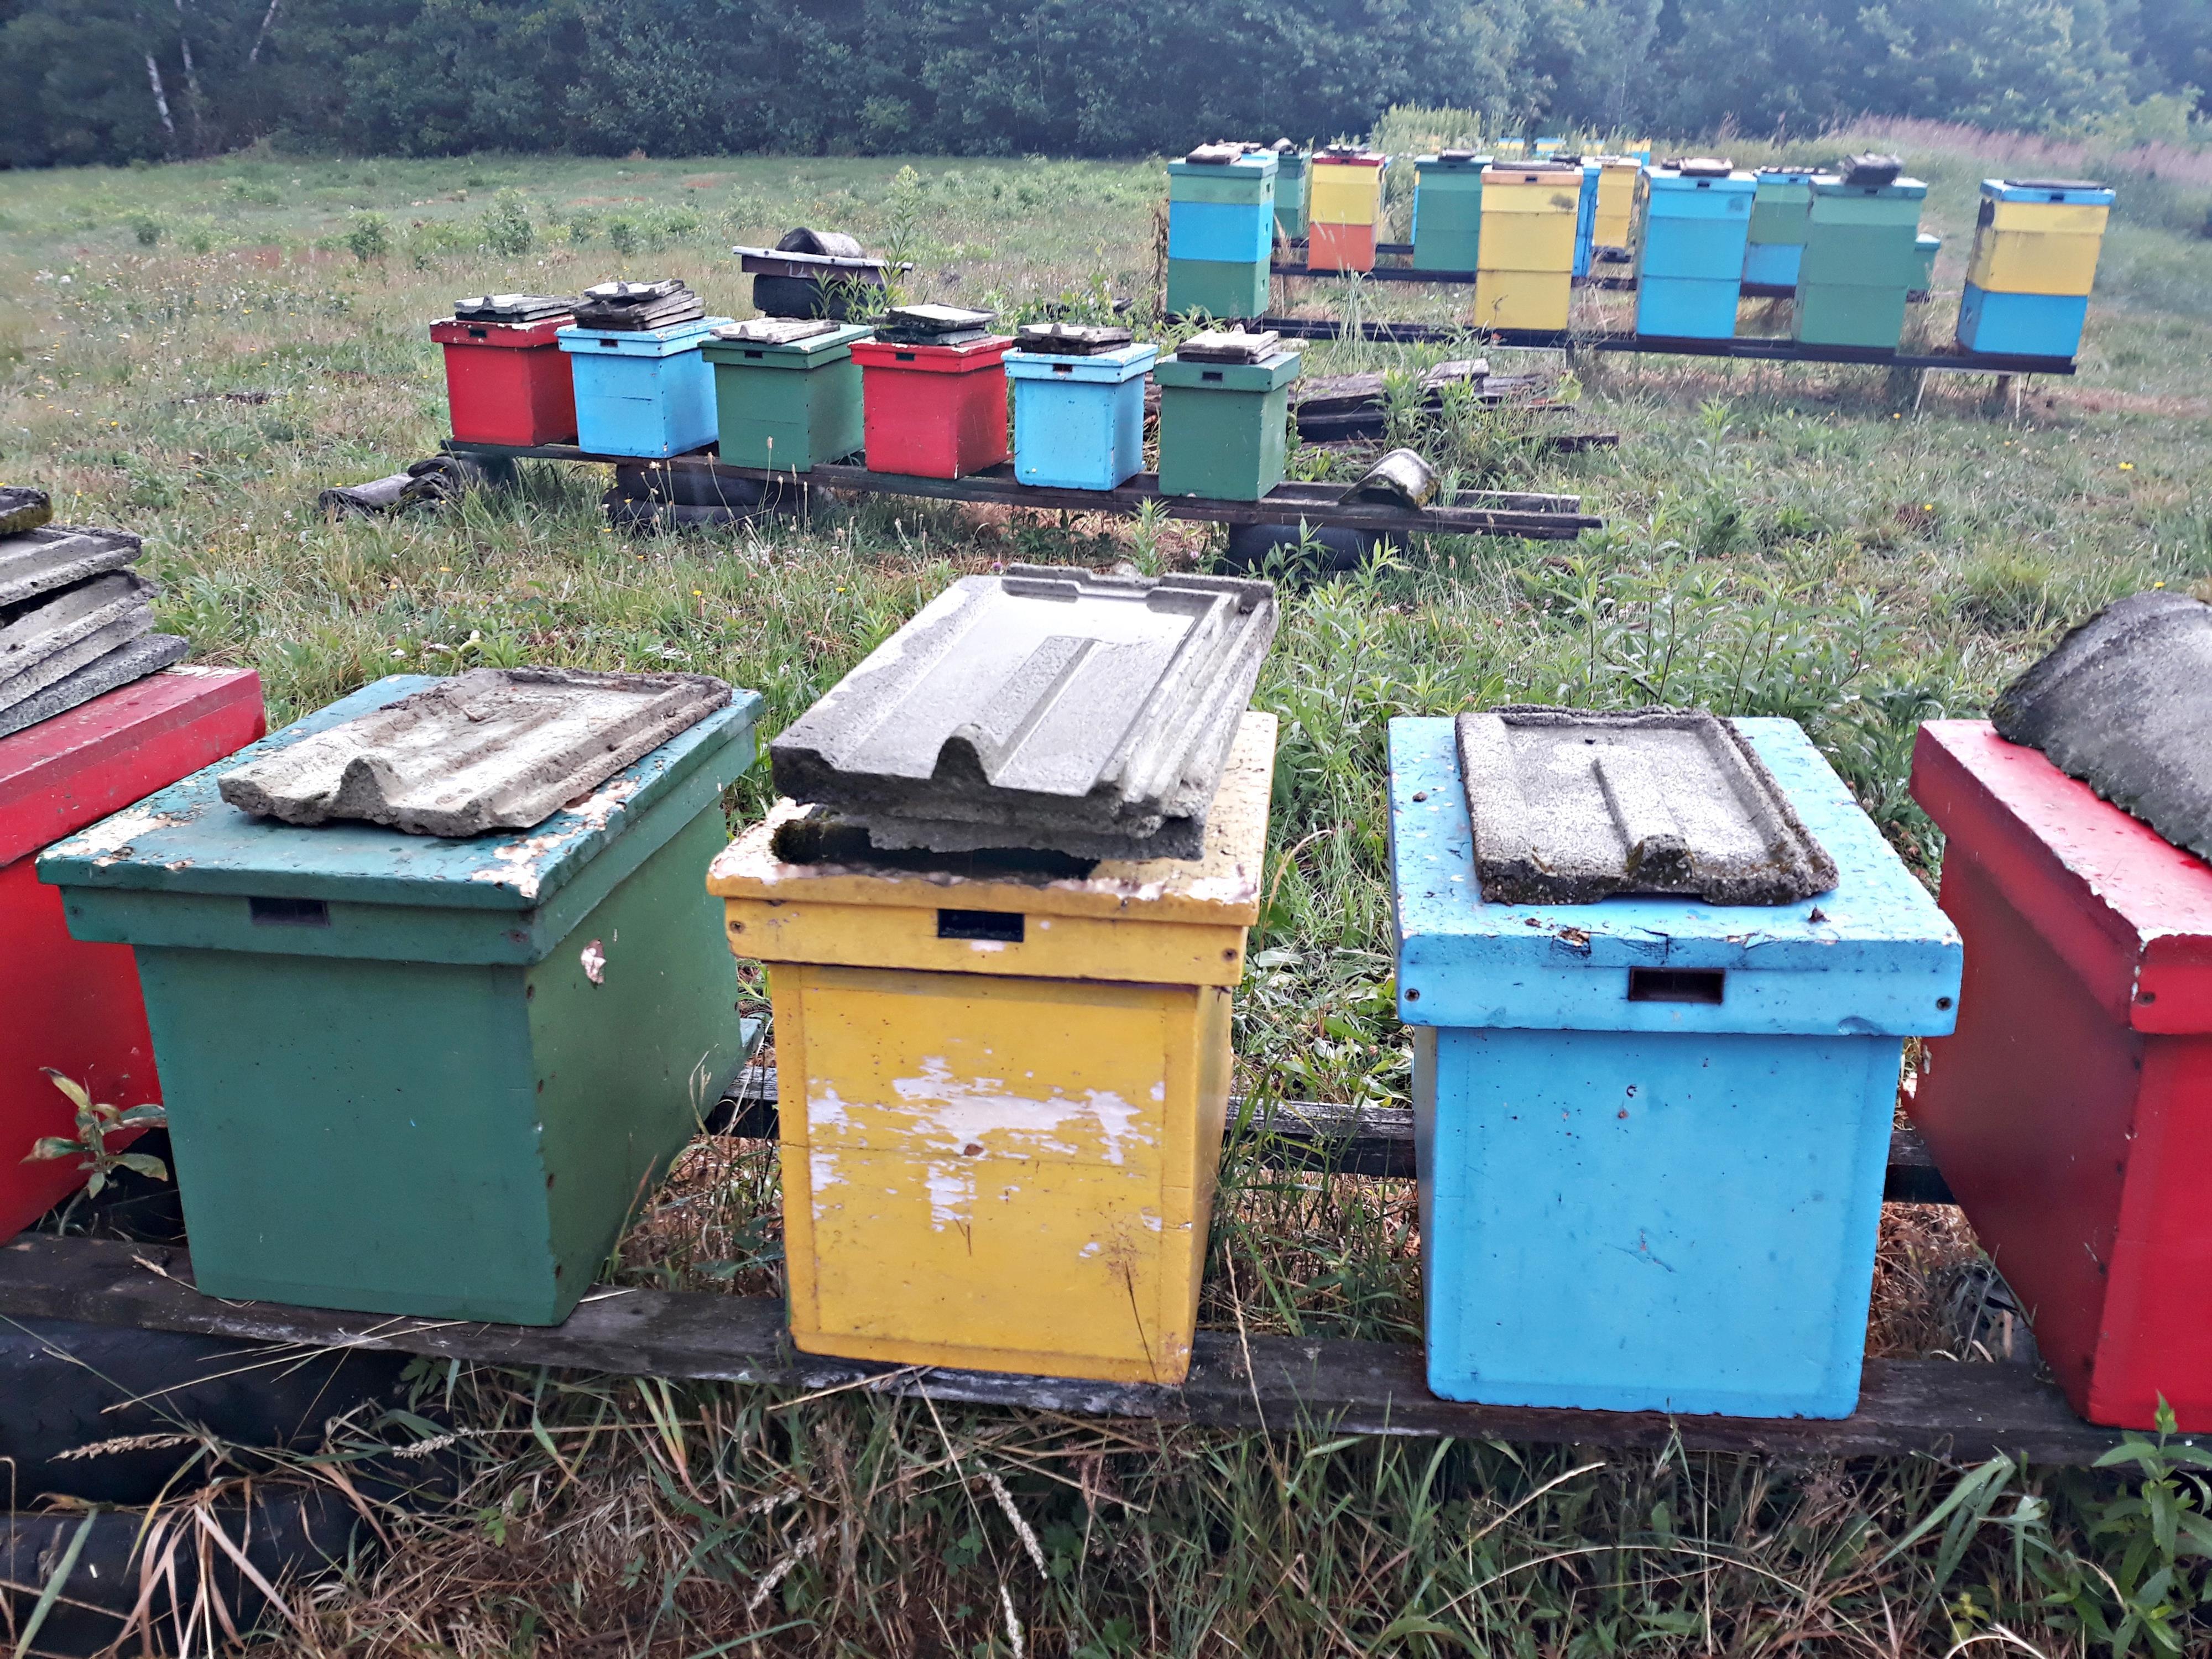 Nagroda pieniężna za wskazanie sprawcy otrucia 3,5 miliona pszczół